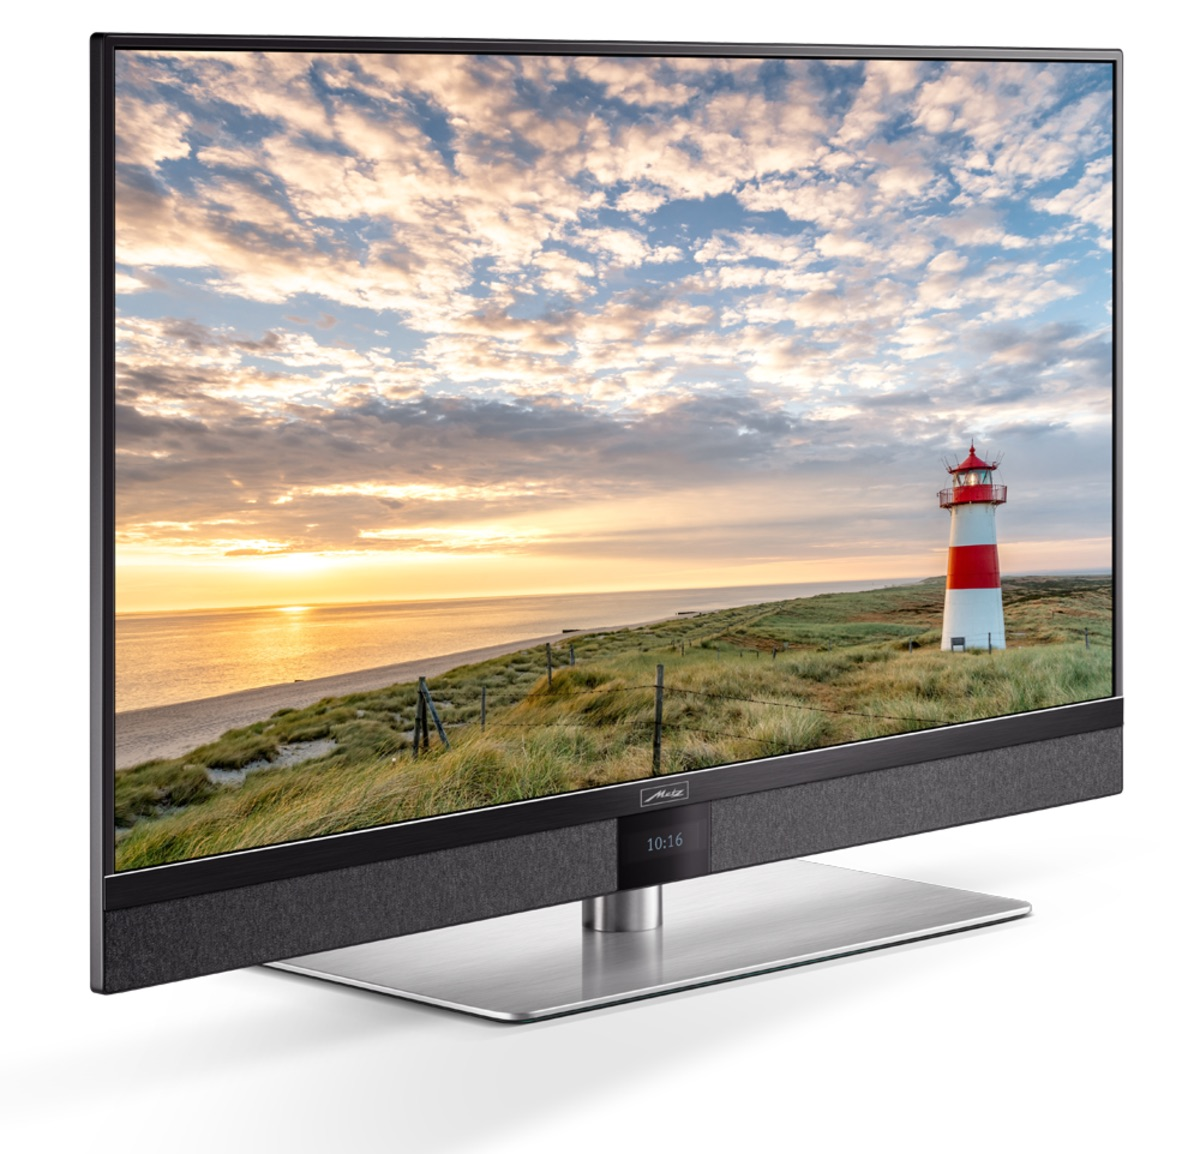 Mehr Geld für neue Fernseher: Qualität bei TV-Bild und Ton immer wichtiger